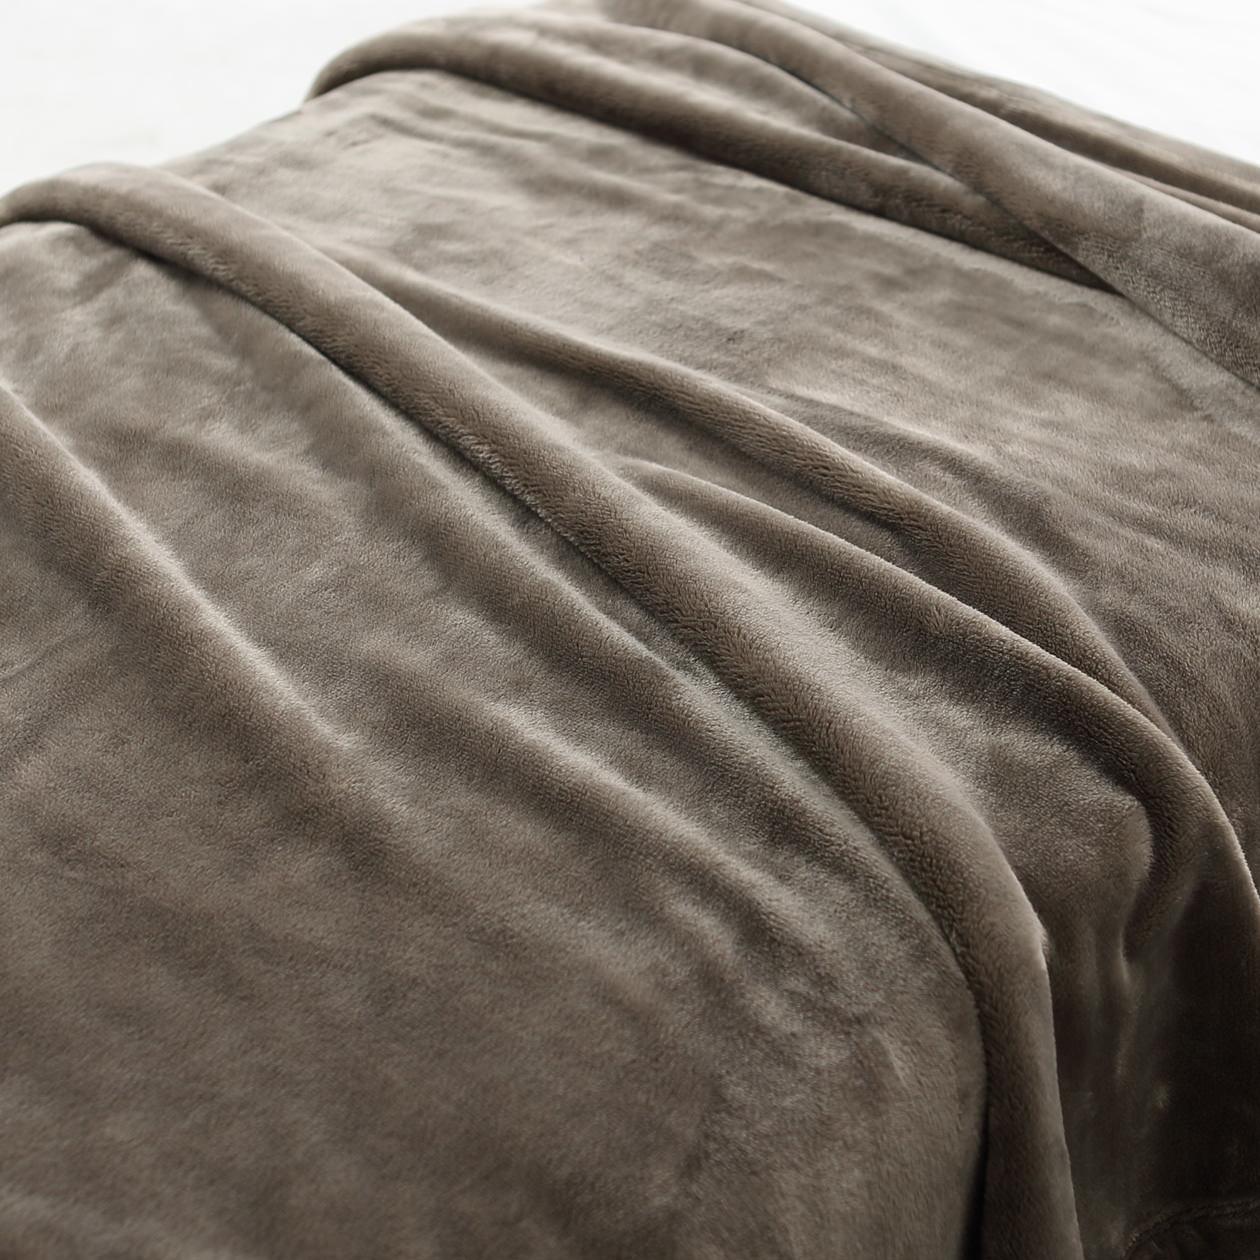 RoomClip商品情報 - あたたかファイバー厚手毛布・D/ベージュ D/ベージュ